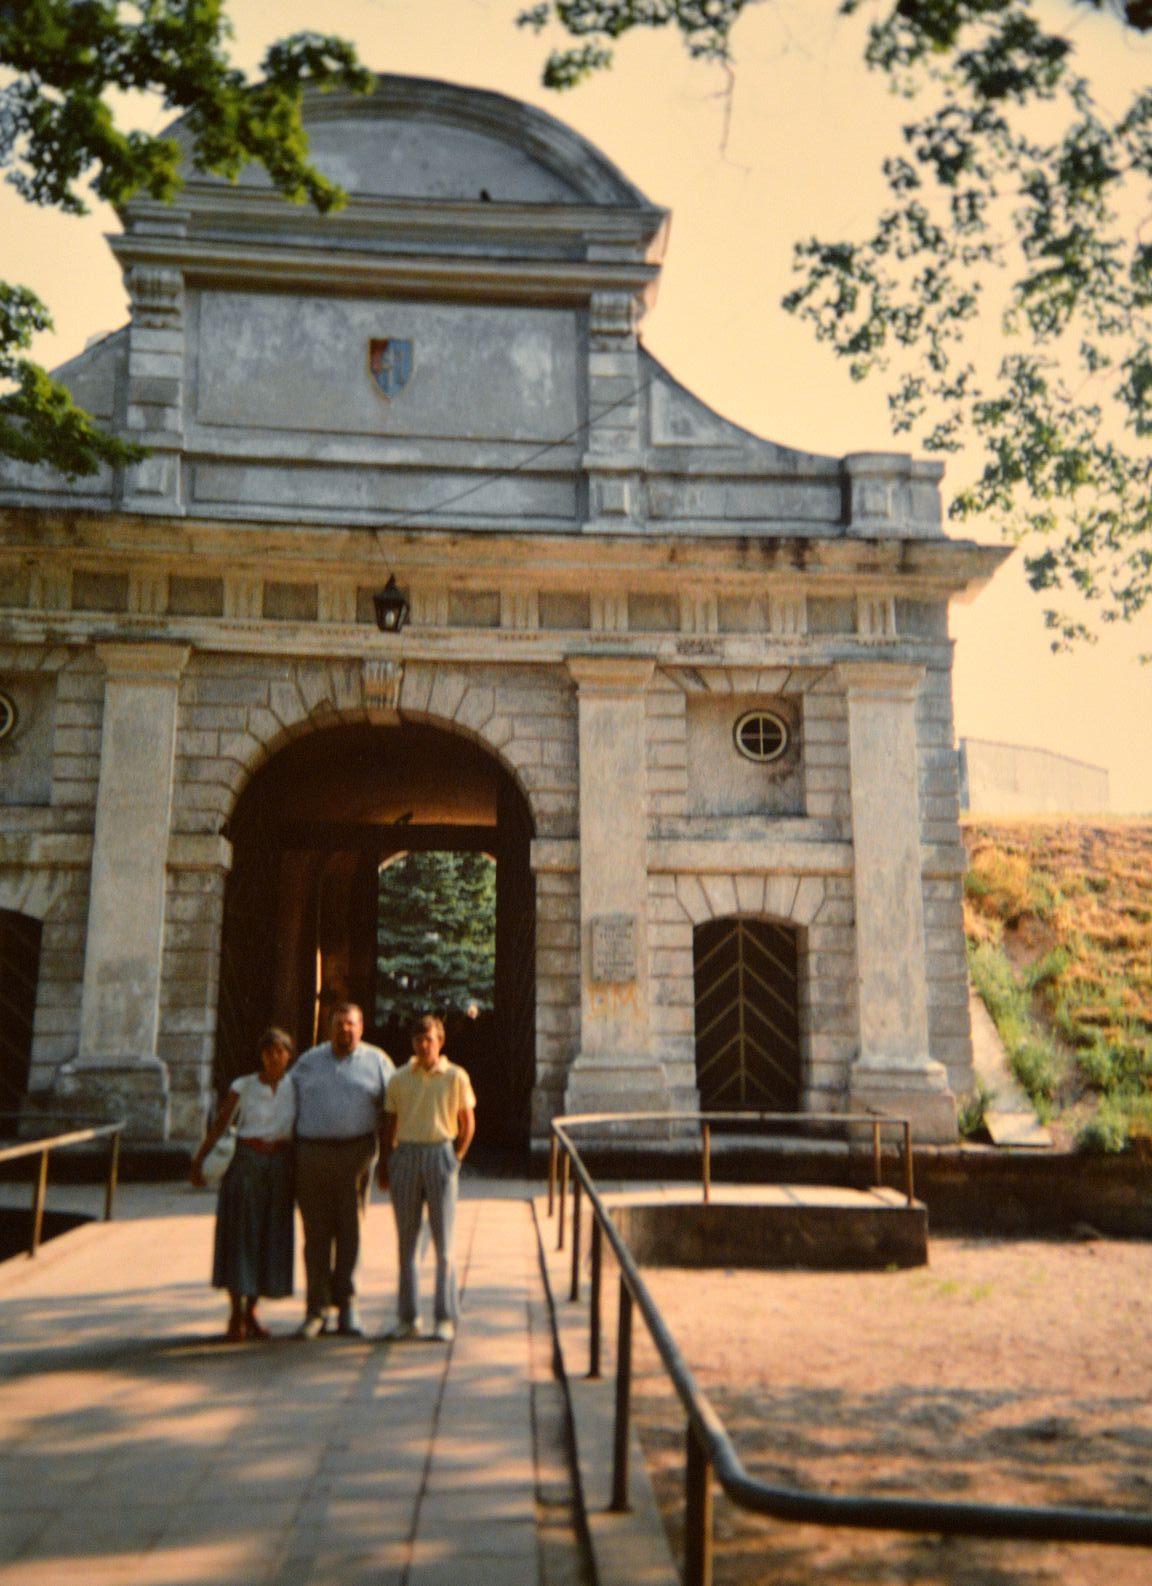 Perhepotretti Tallinnan portilla, joka on ainut Baltiassa säilynyt 1600-luvun valliportti.